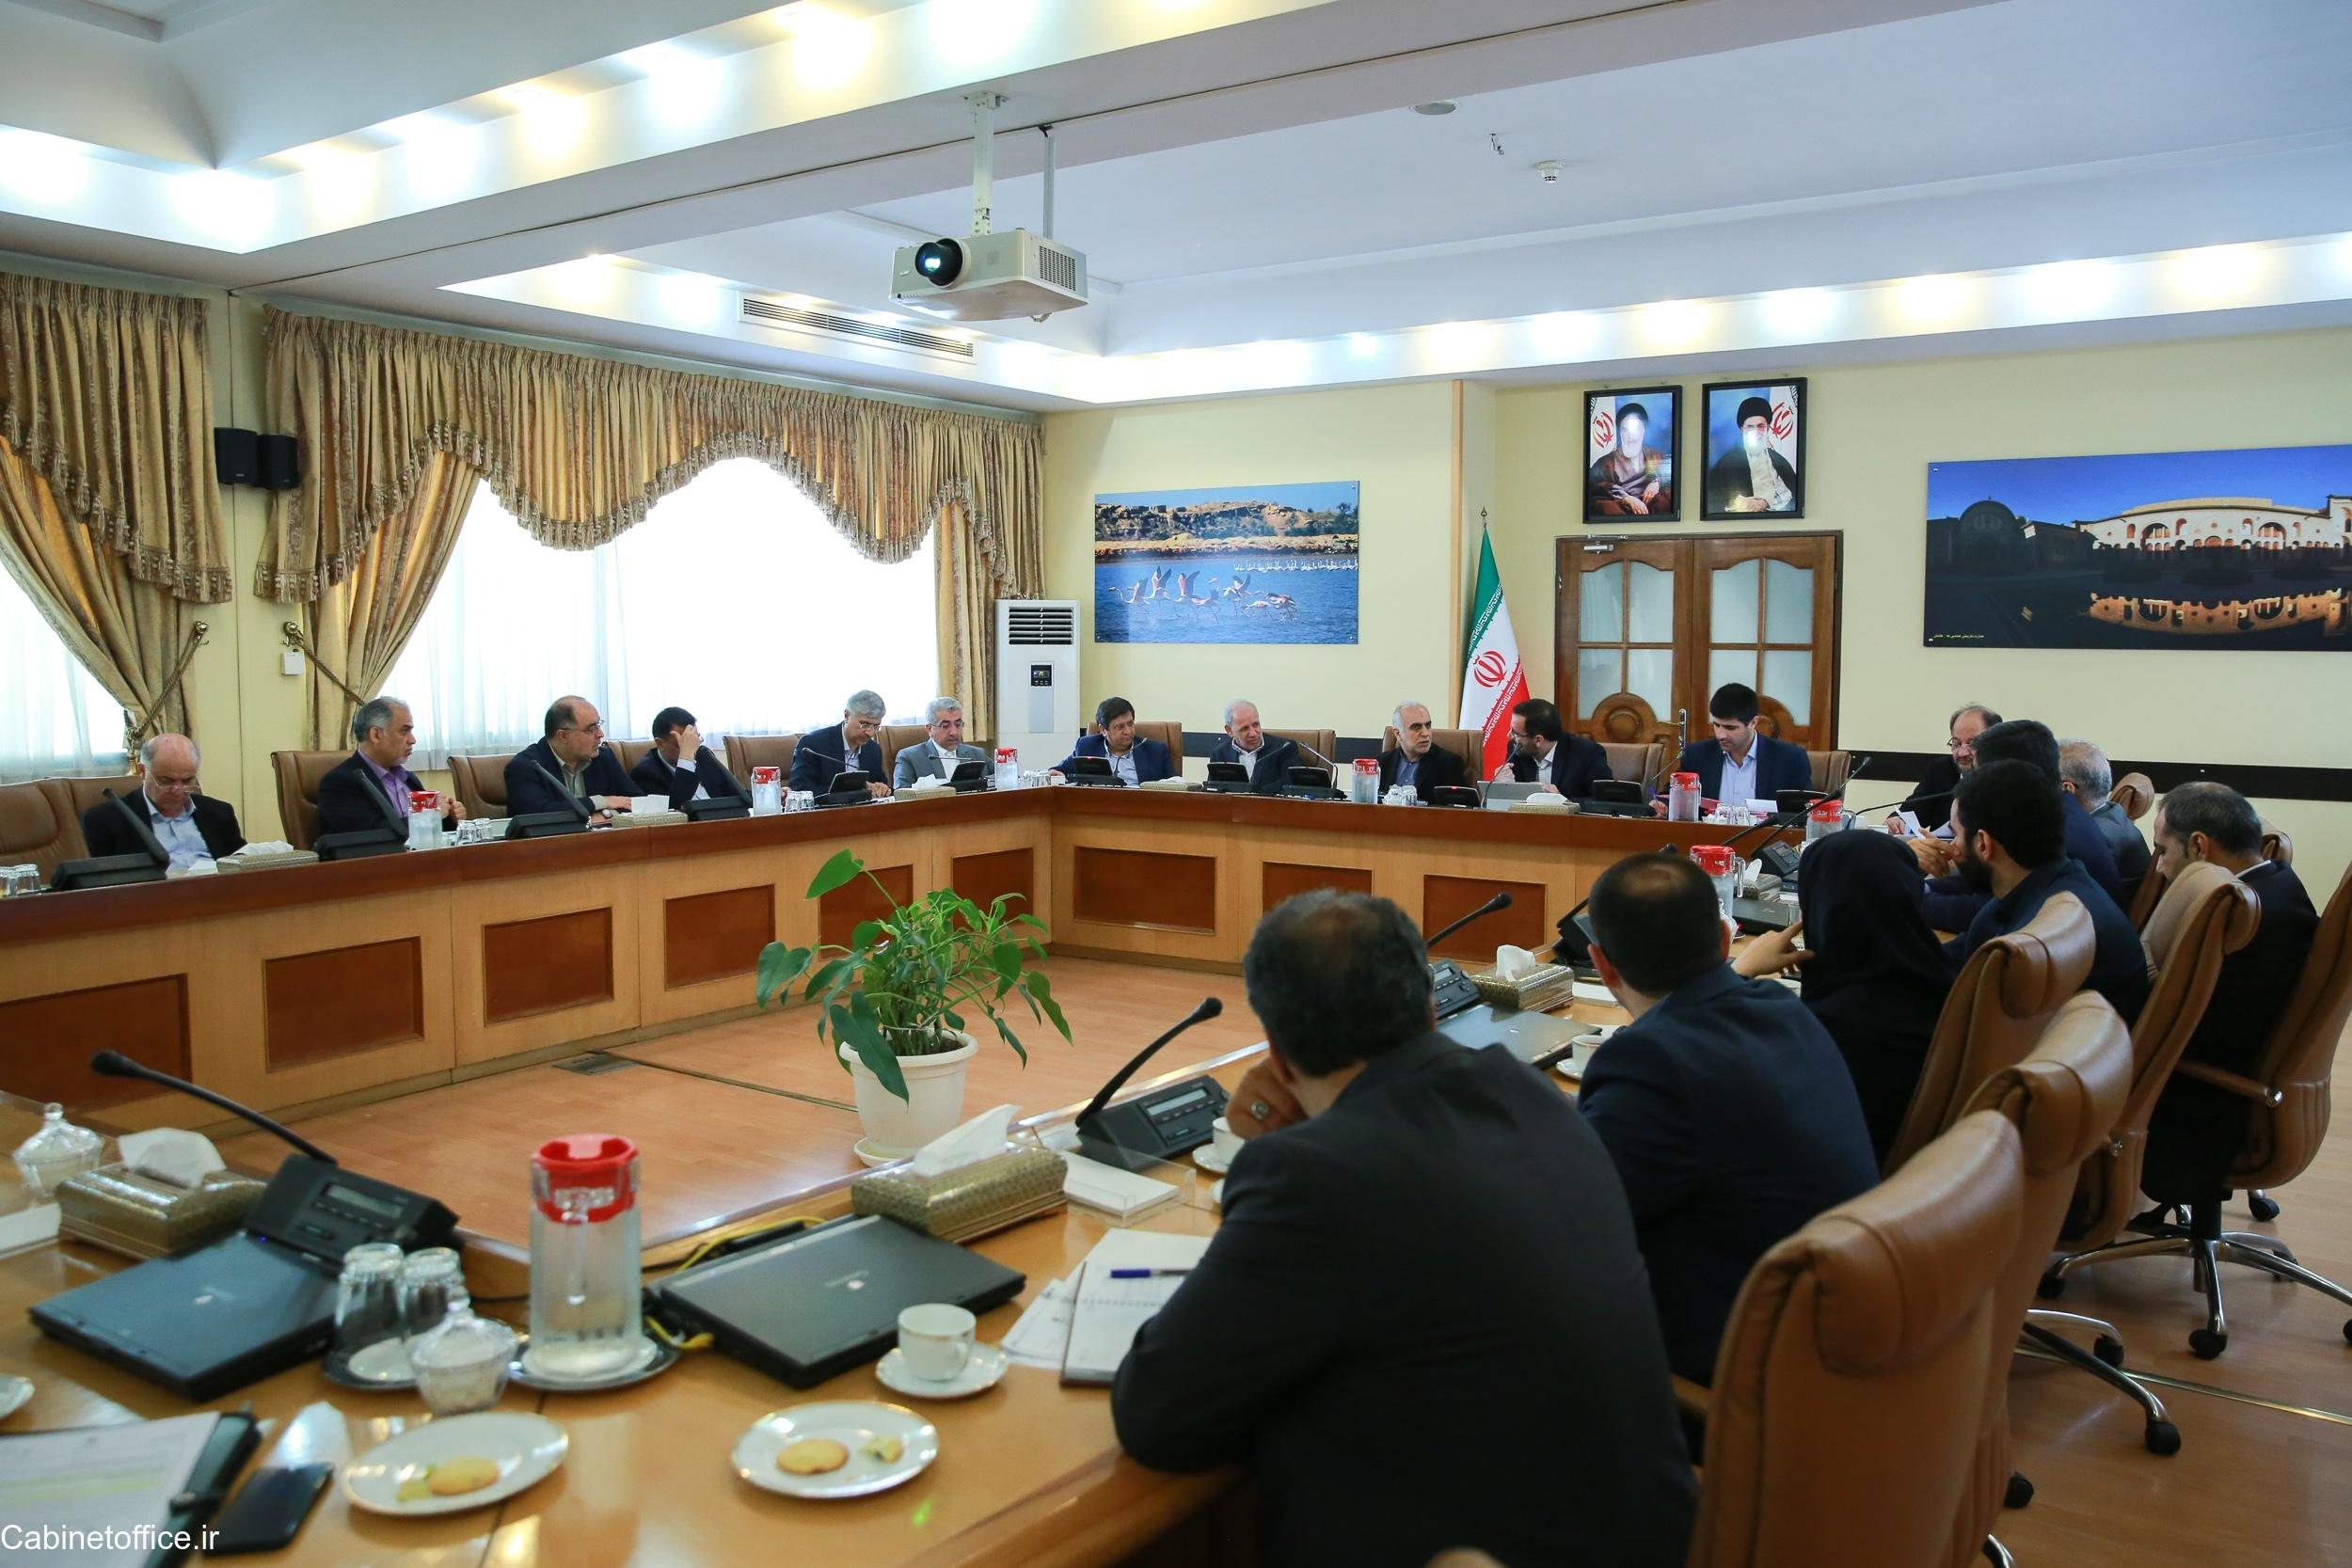 جلسه اصلی کمیسیون اقتصاد در تاریخ ۲۴ تیر ماه ۱۳۹۸